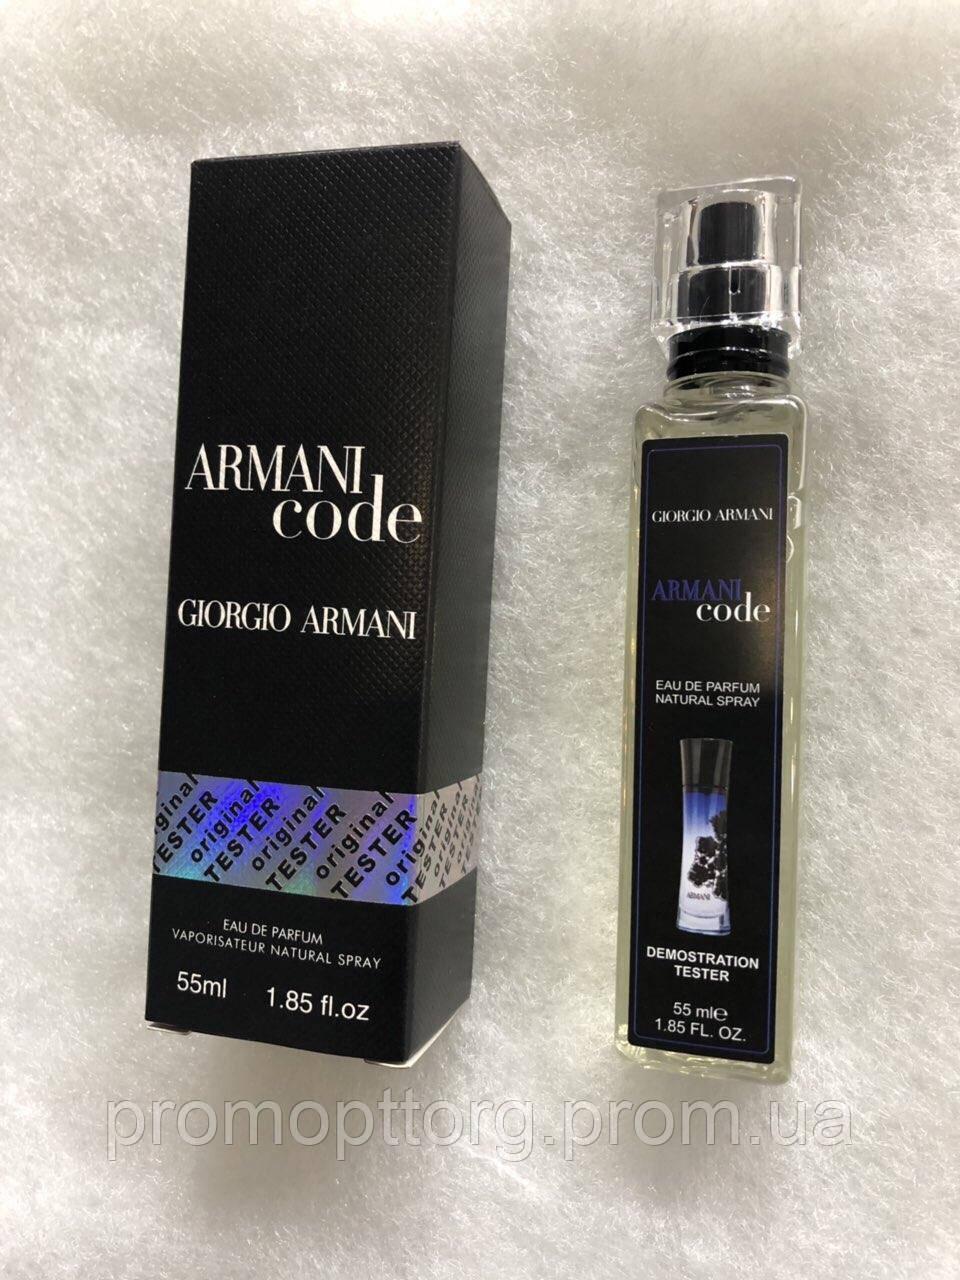 Женский парфюм Armani Code Giorgio Armani тестер 55 ml (реплика)